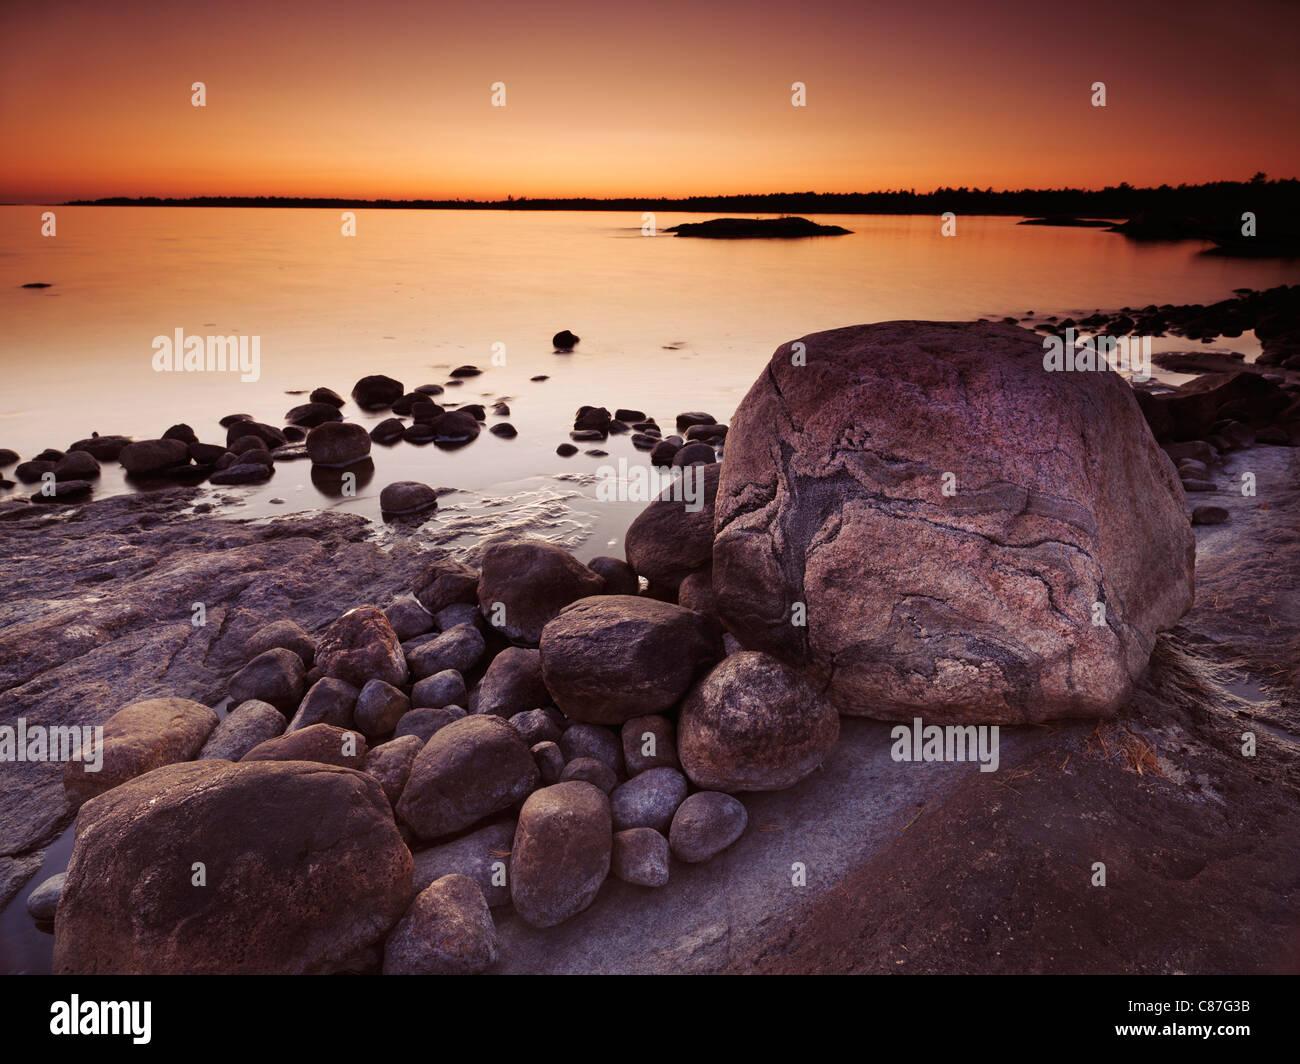 Crepúsculo hermoso paisaje de rocas en una orilla de la Georgian Bay, Muskoka, Ontario, Canadá Imagen De Stock